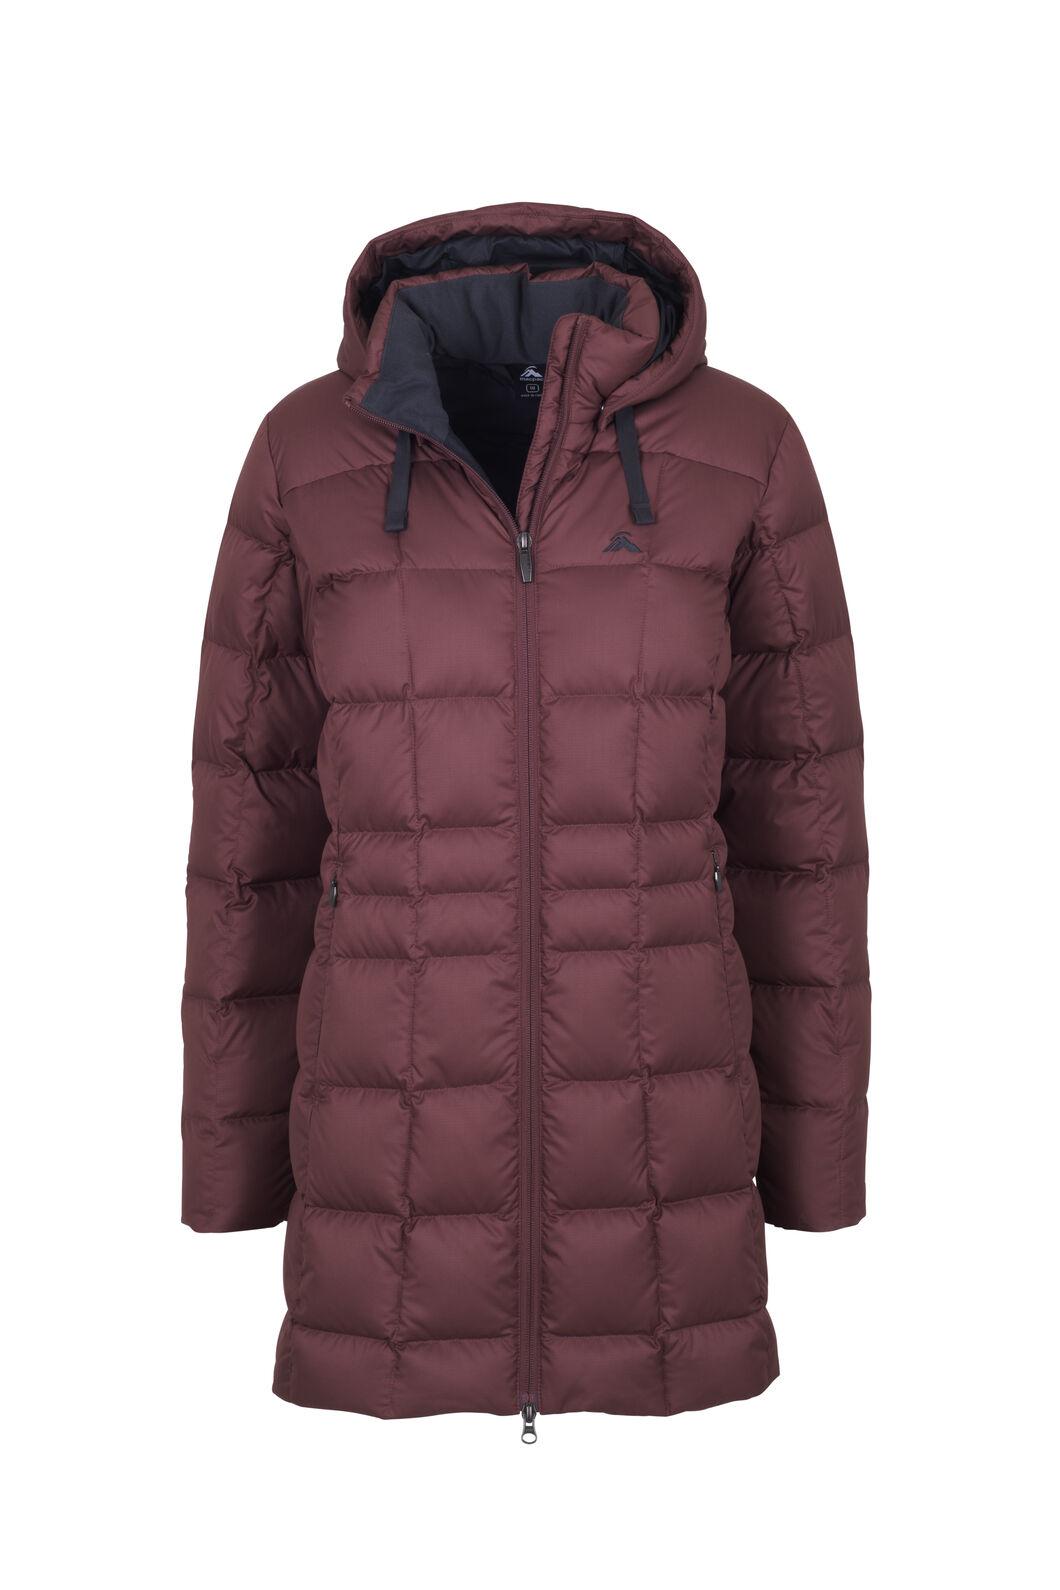 Macpac Aurora Down Coat V3 - Women's, Bitter Chocolate, hi-res